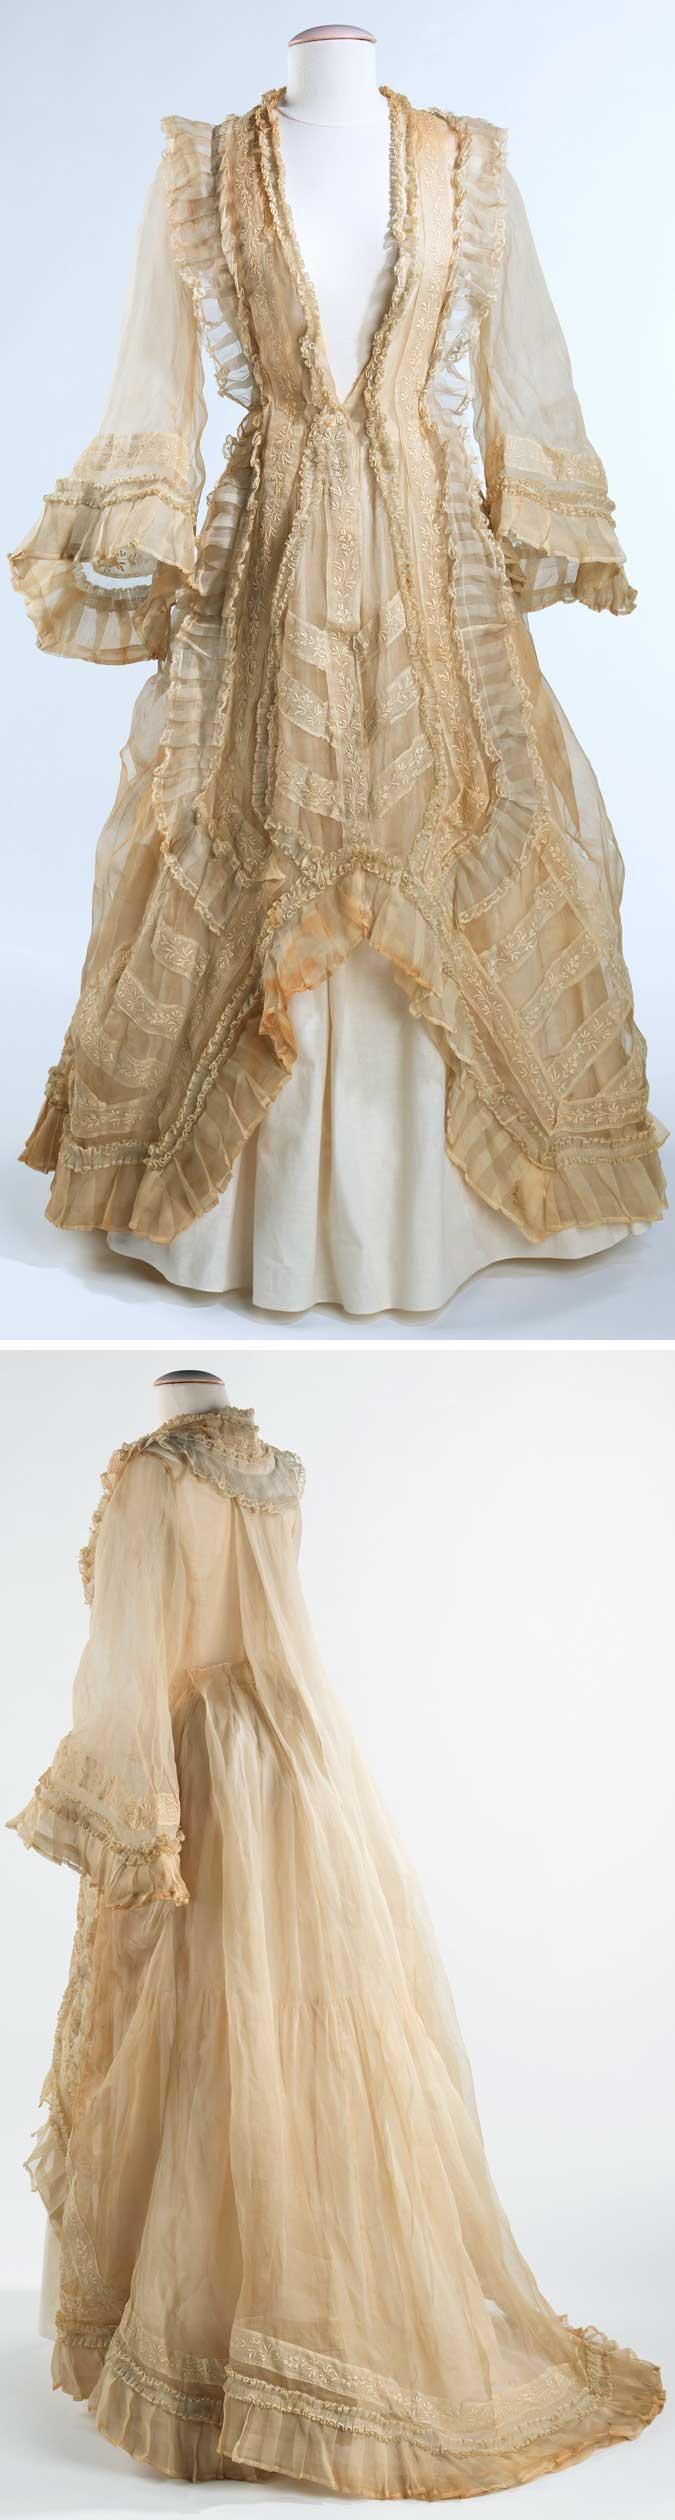 best lovley old dresses images on pinterest historical